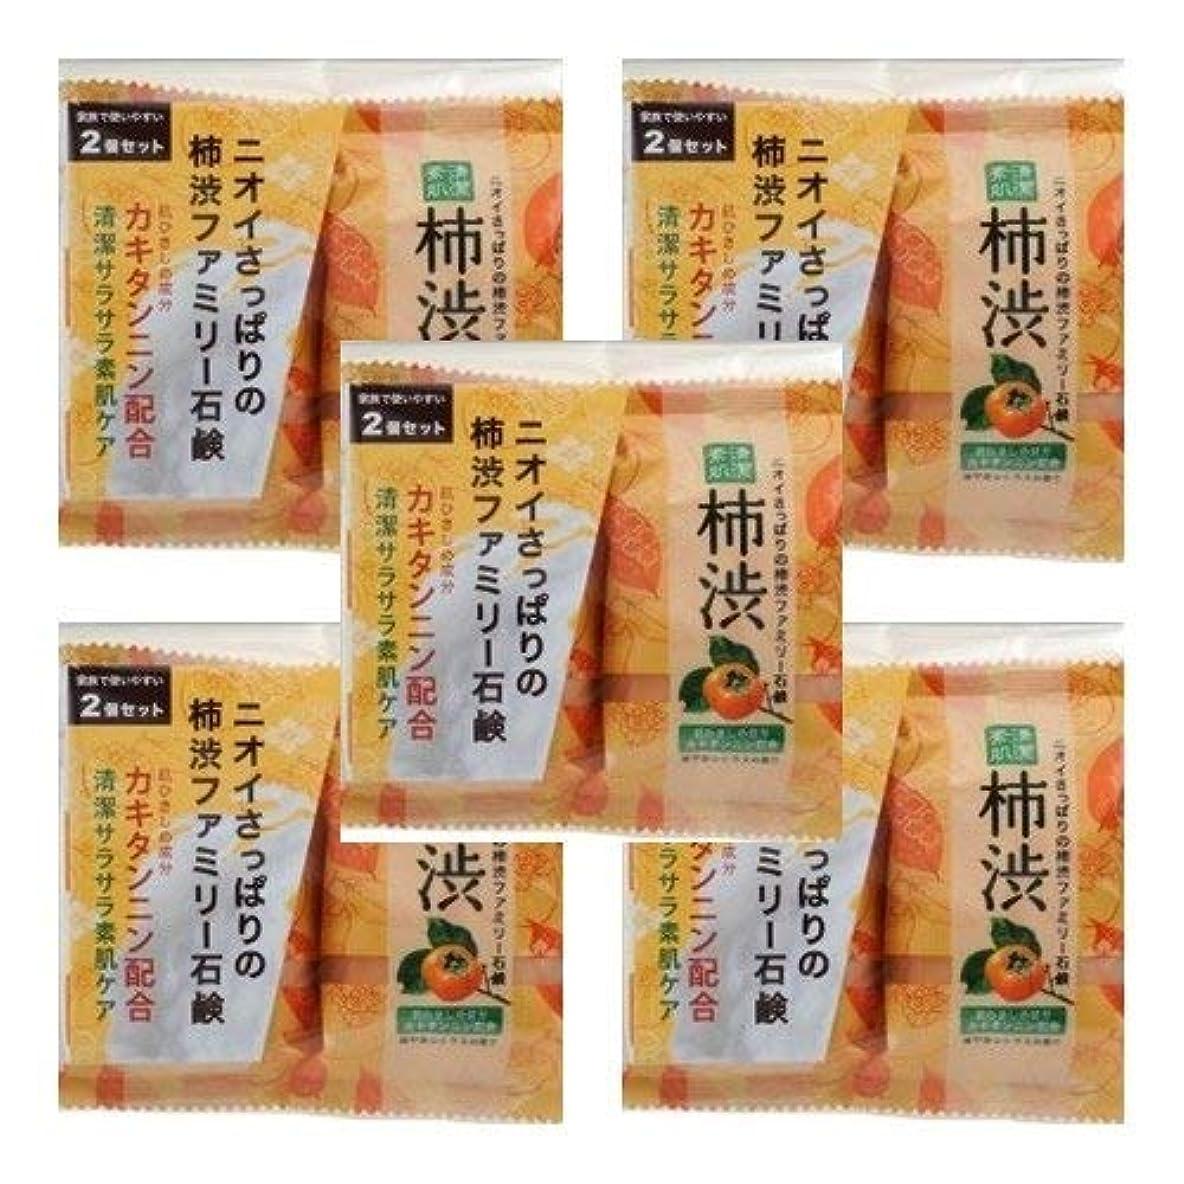 レザーアーチ布ペリカン石鹸 ファミリー柿渋石けん 2個入×5点セット